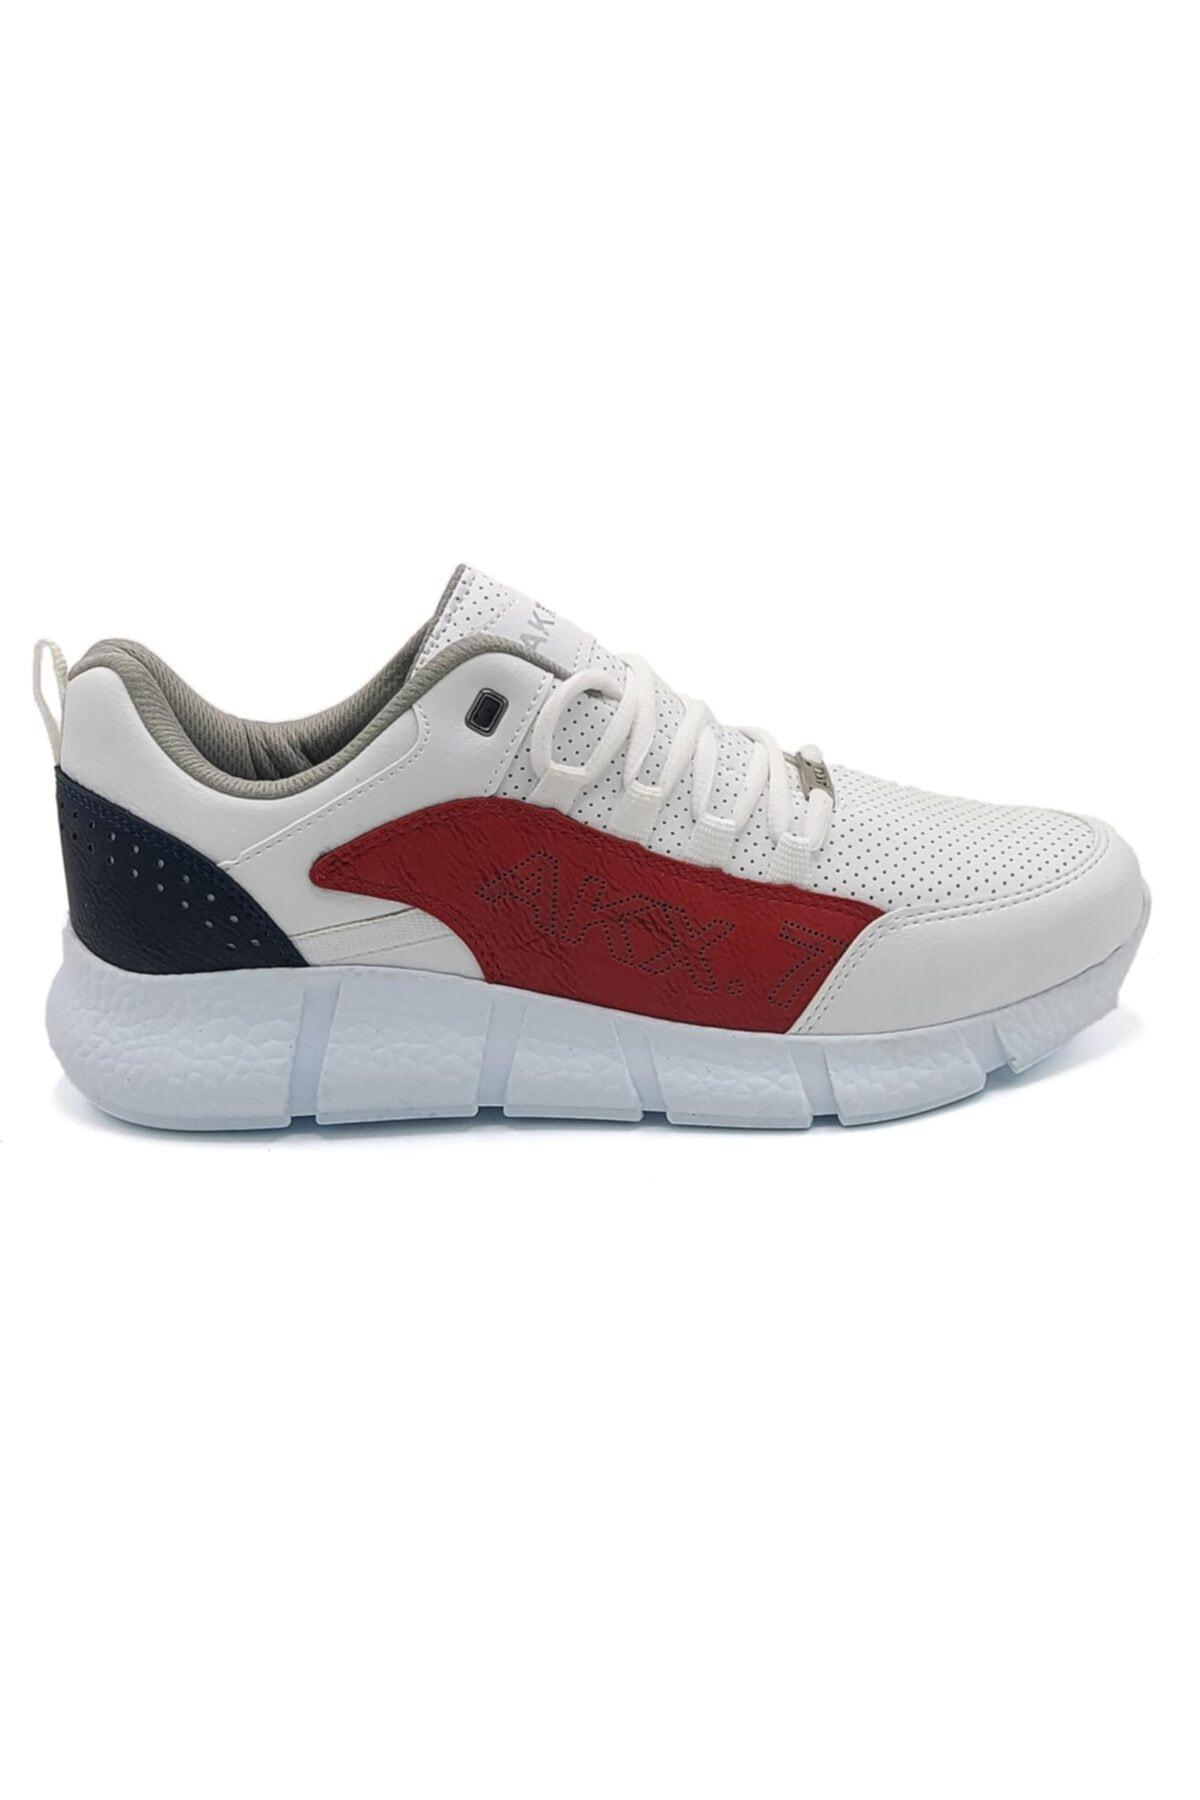 L.A Polo 021 Beyaz Kırmızı Beyaz Erkek Spor Ayakkabı 2